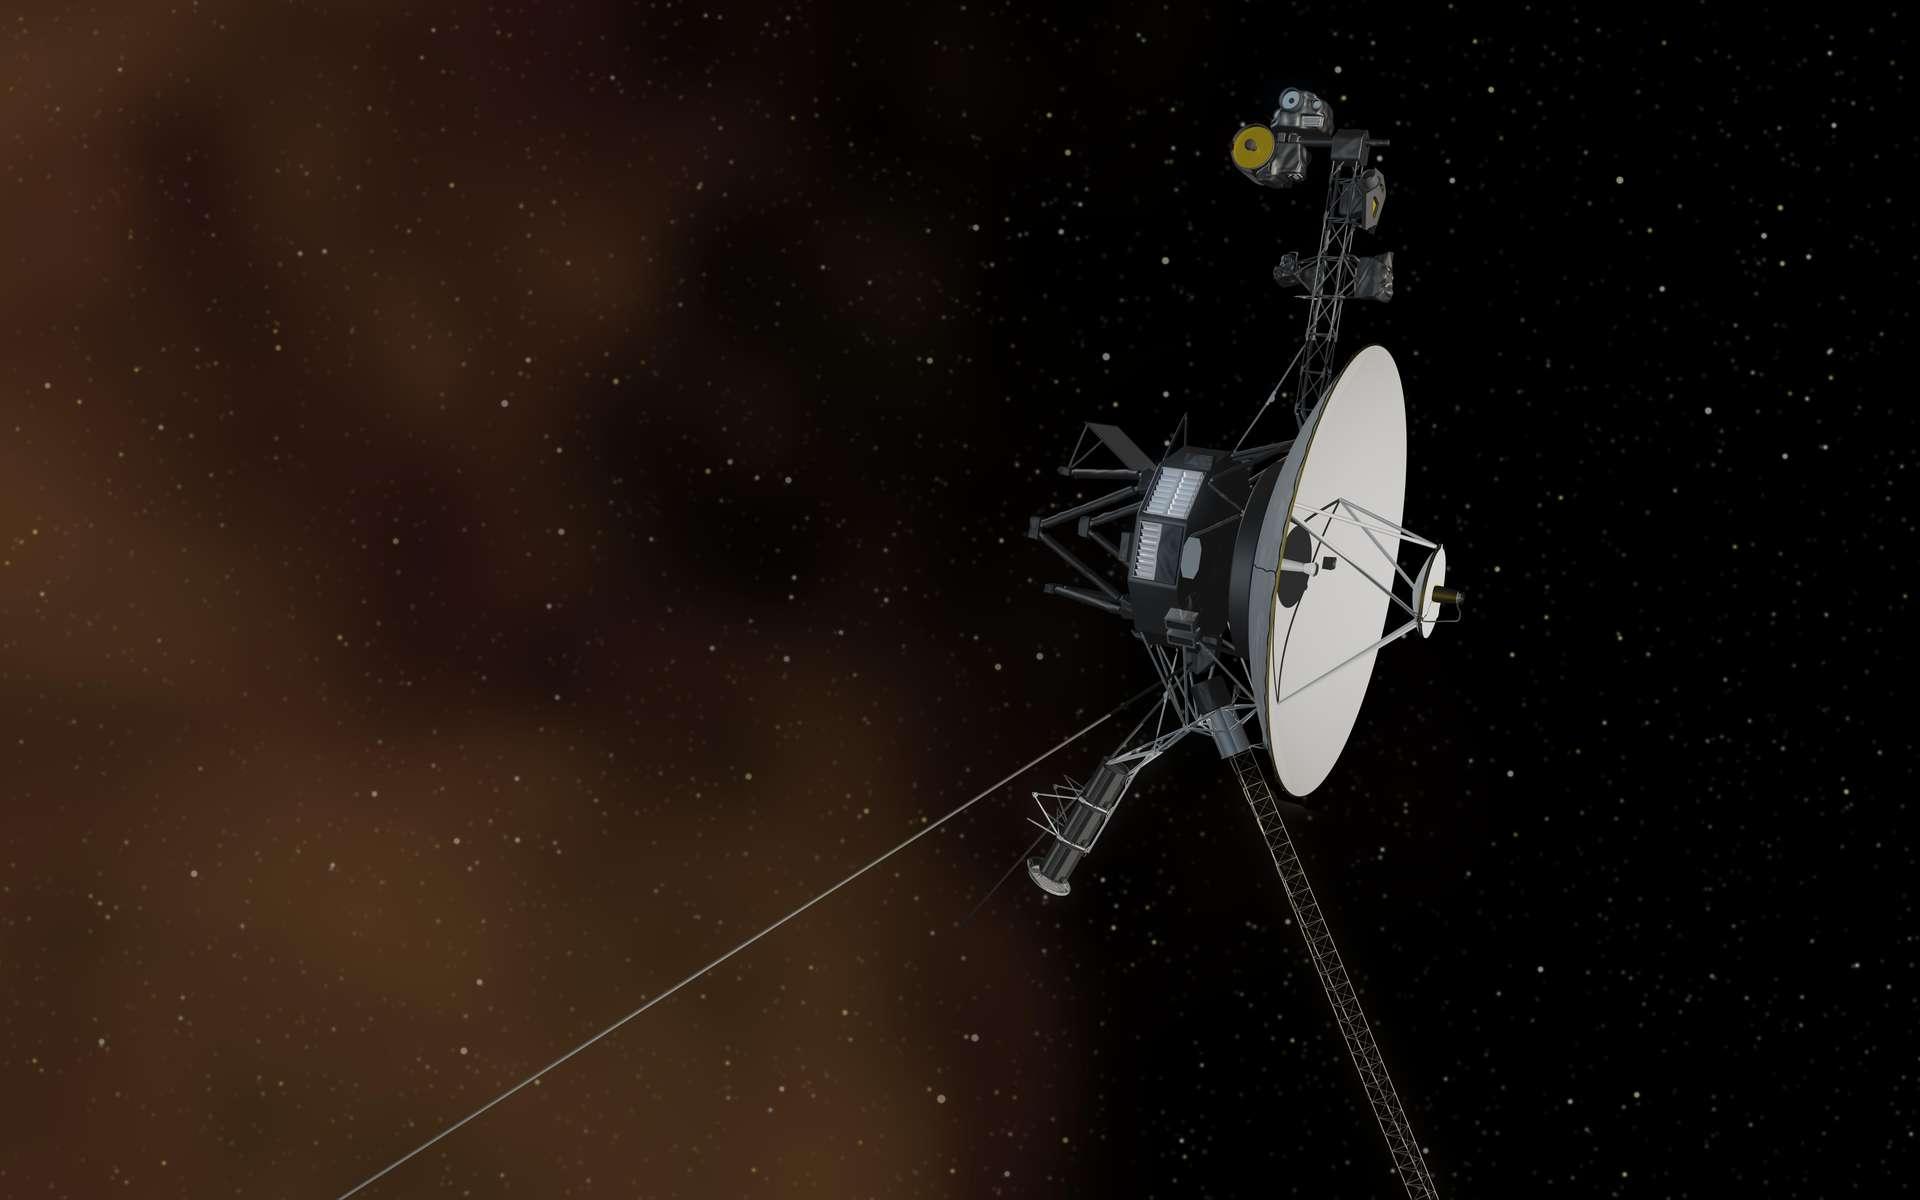 La sonde spatiale Voyager 1 aux frontières de l'héliosphère a quitté la Terre en 1977 afin d'étudier les planètes externes du Système solaire. © Nasa